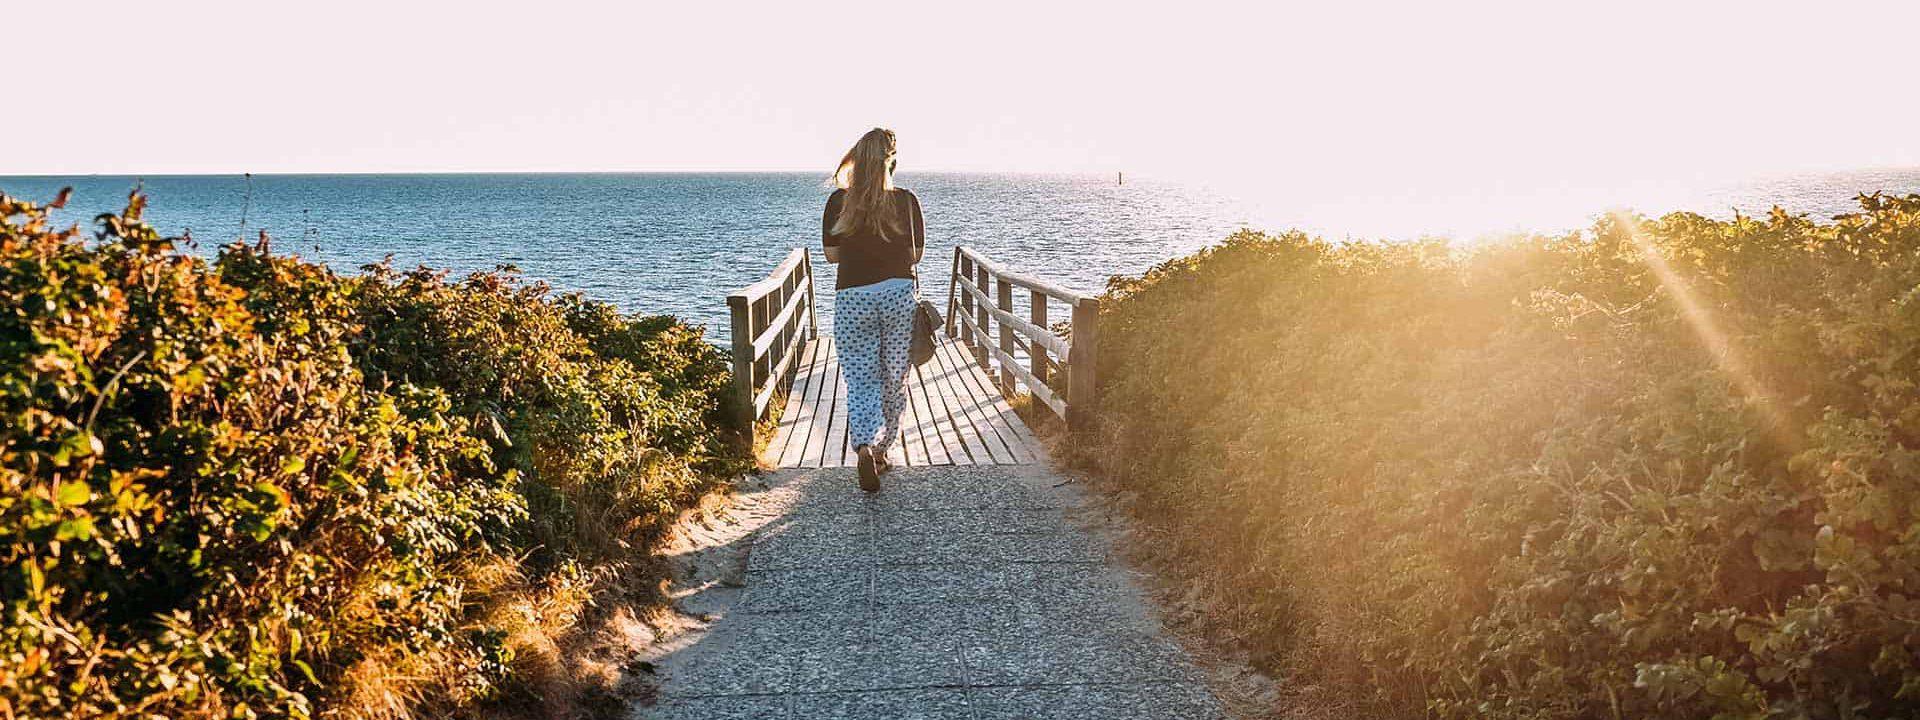 Frau läuft Richtung Meer zu einem Steg am Wasser - Sonne, Sommer, Meer